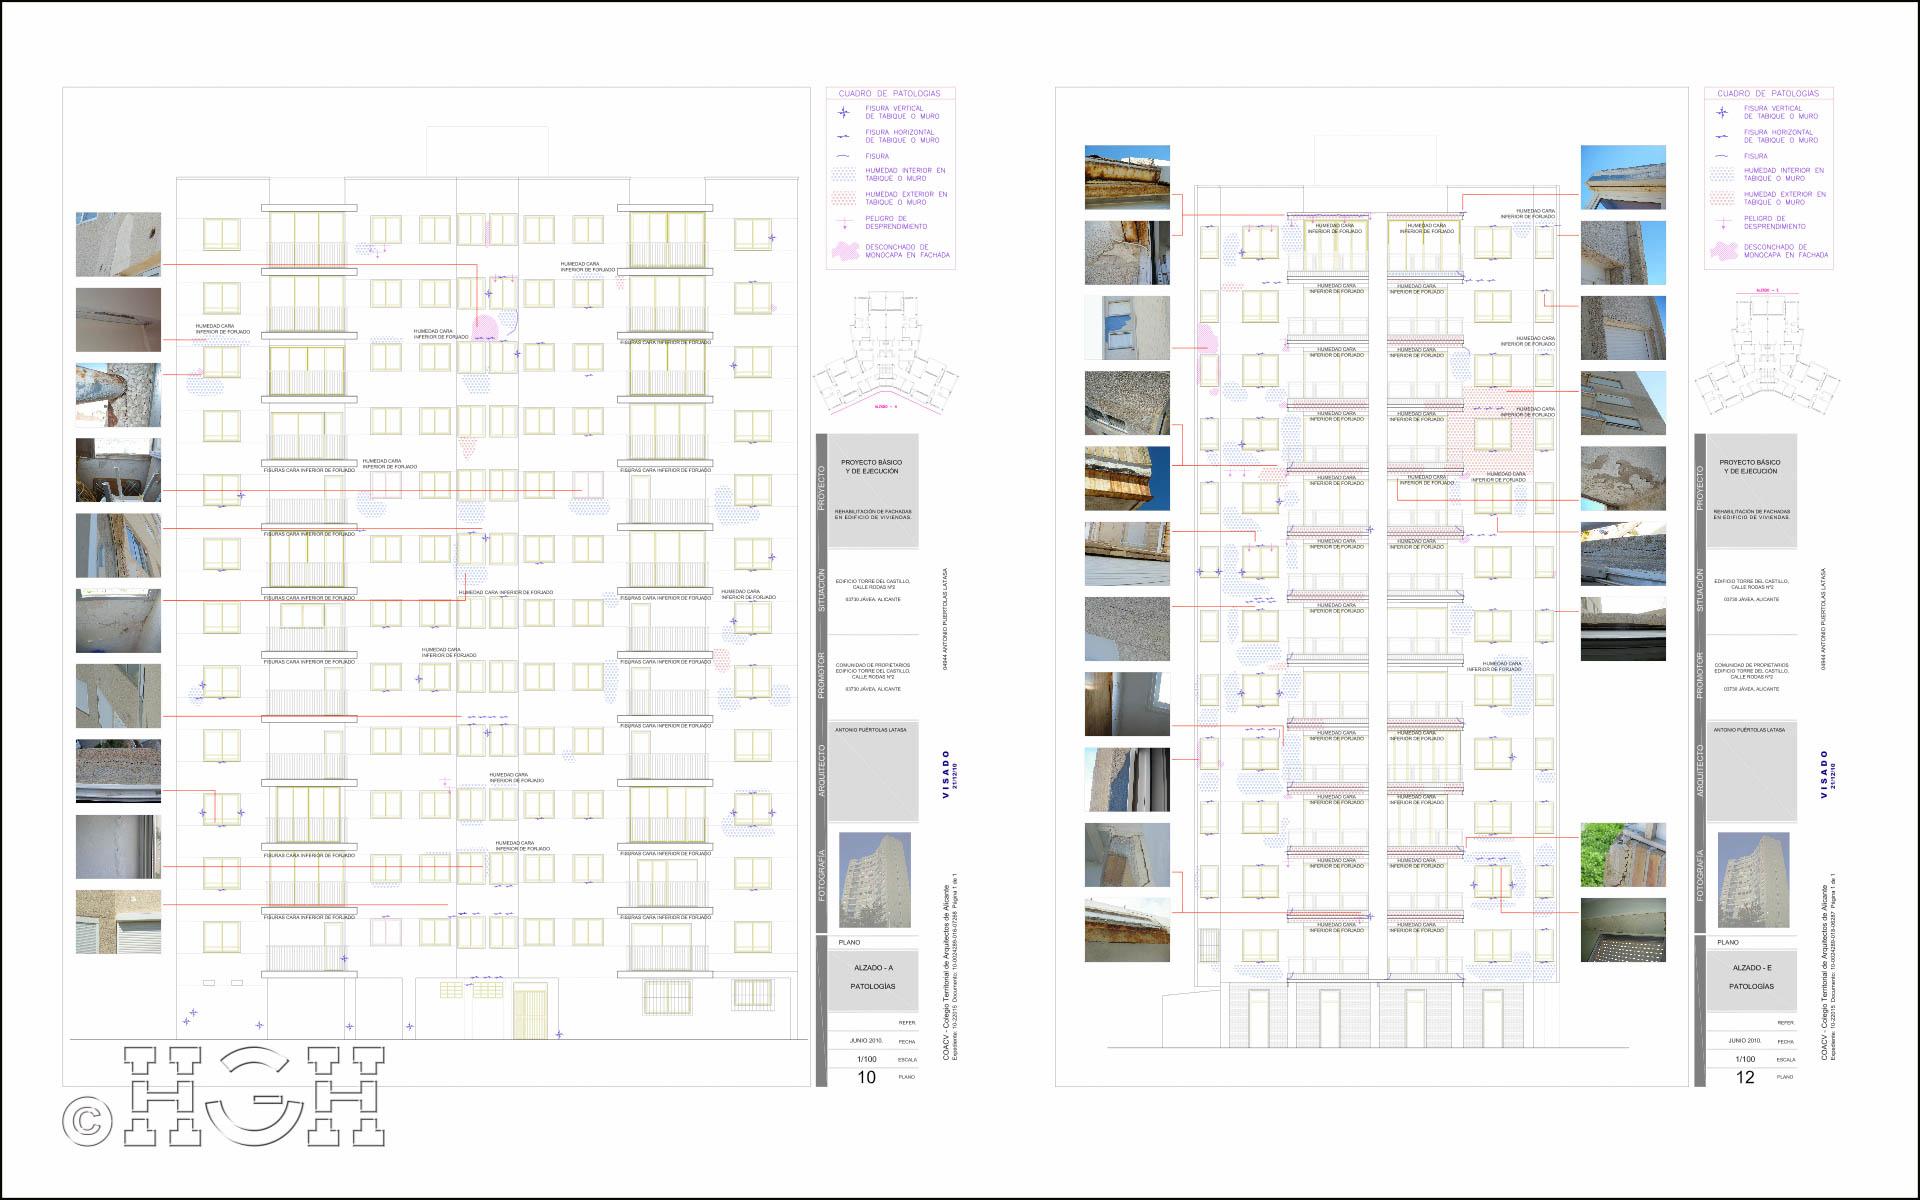 Planos del Proyecto básico y de ejecución del Edificio Torre del Castillo, en Jávea, Alicante. Proyecto, dirección de obra y rehabilitación de fachada realizada íntegramente por personal de Global Home Happiness.